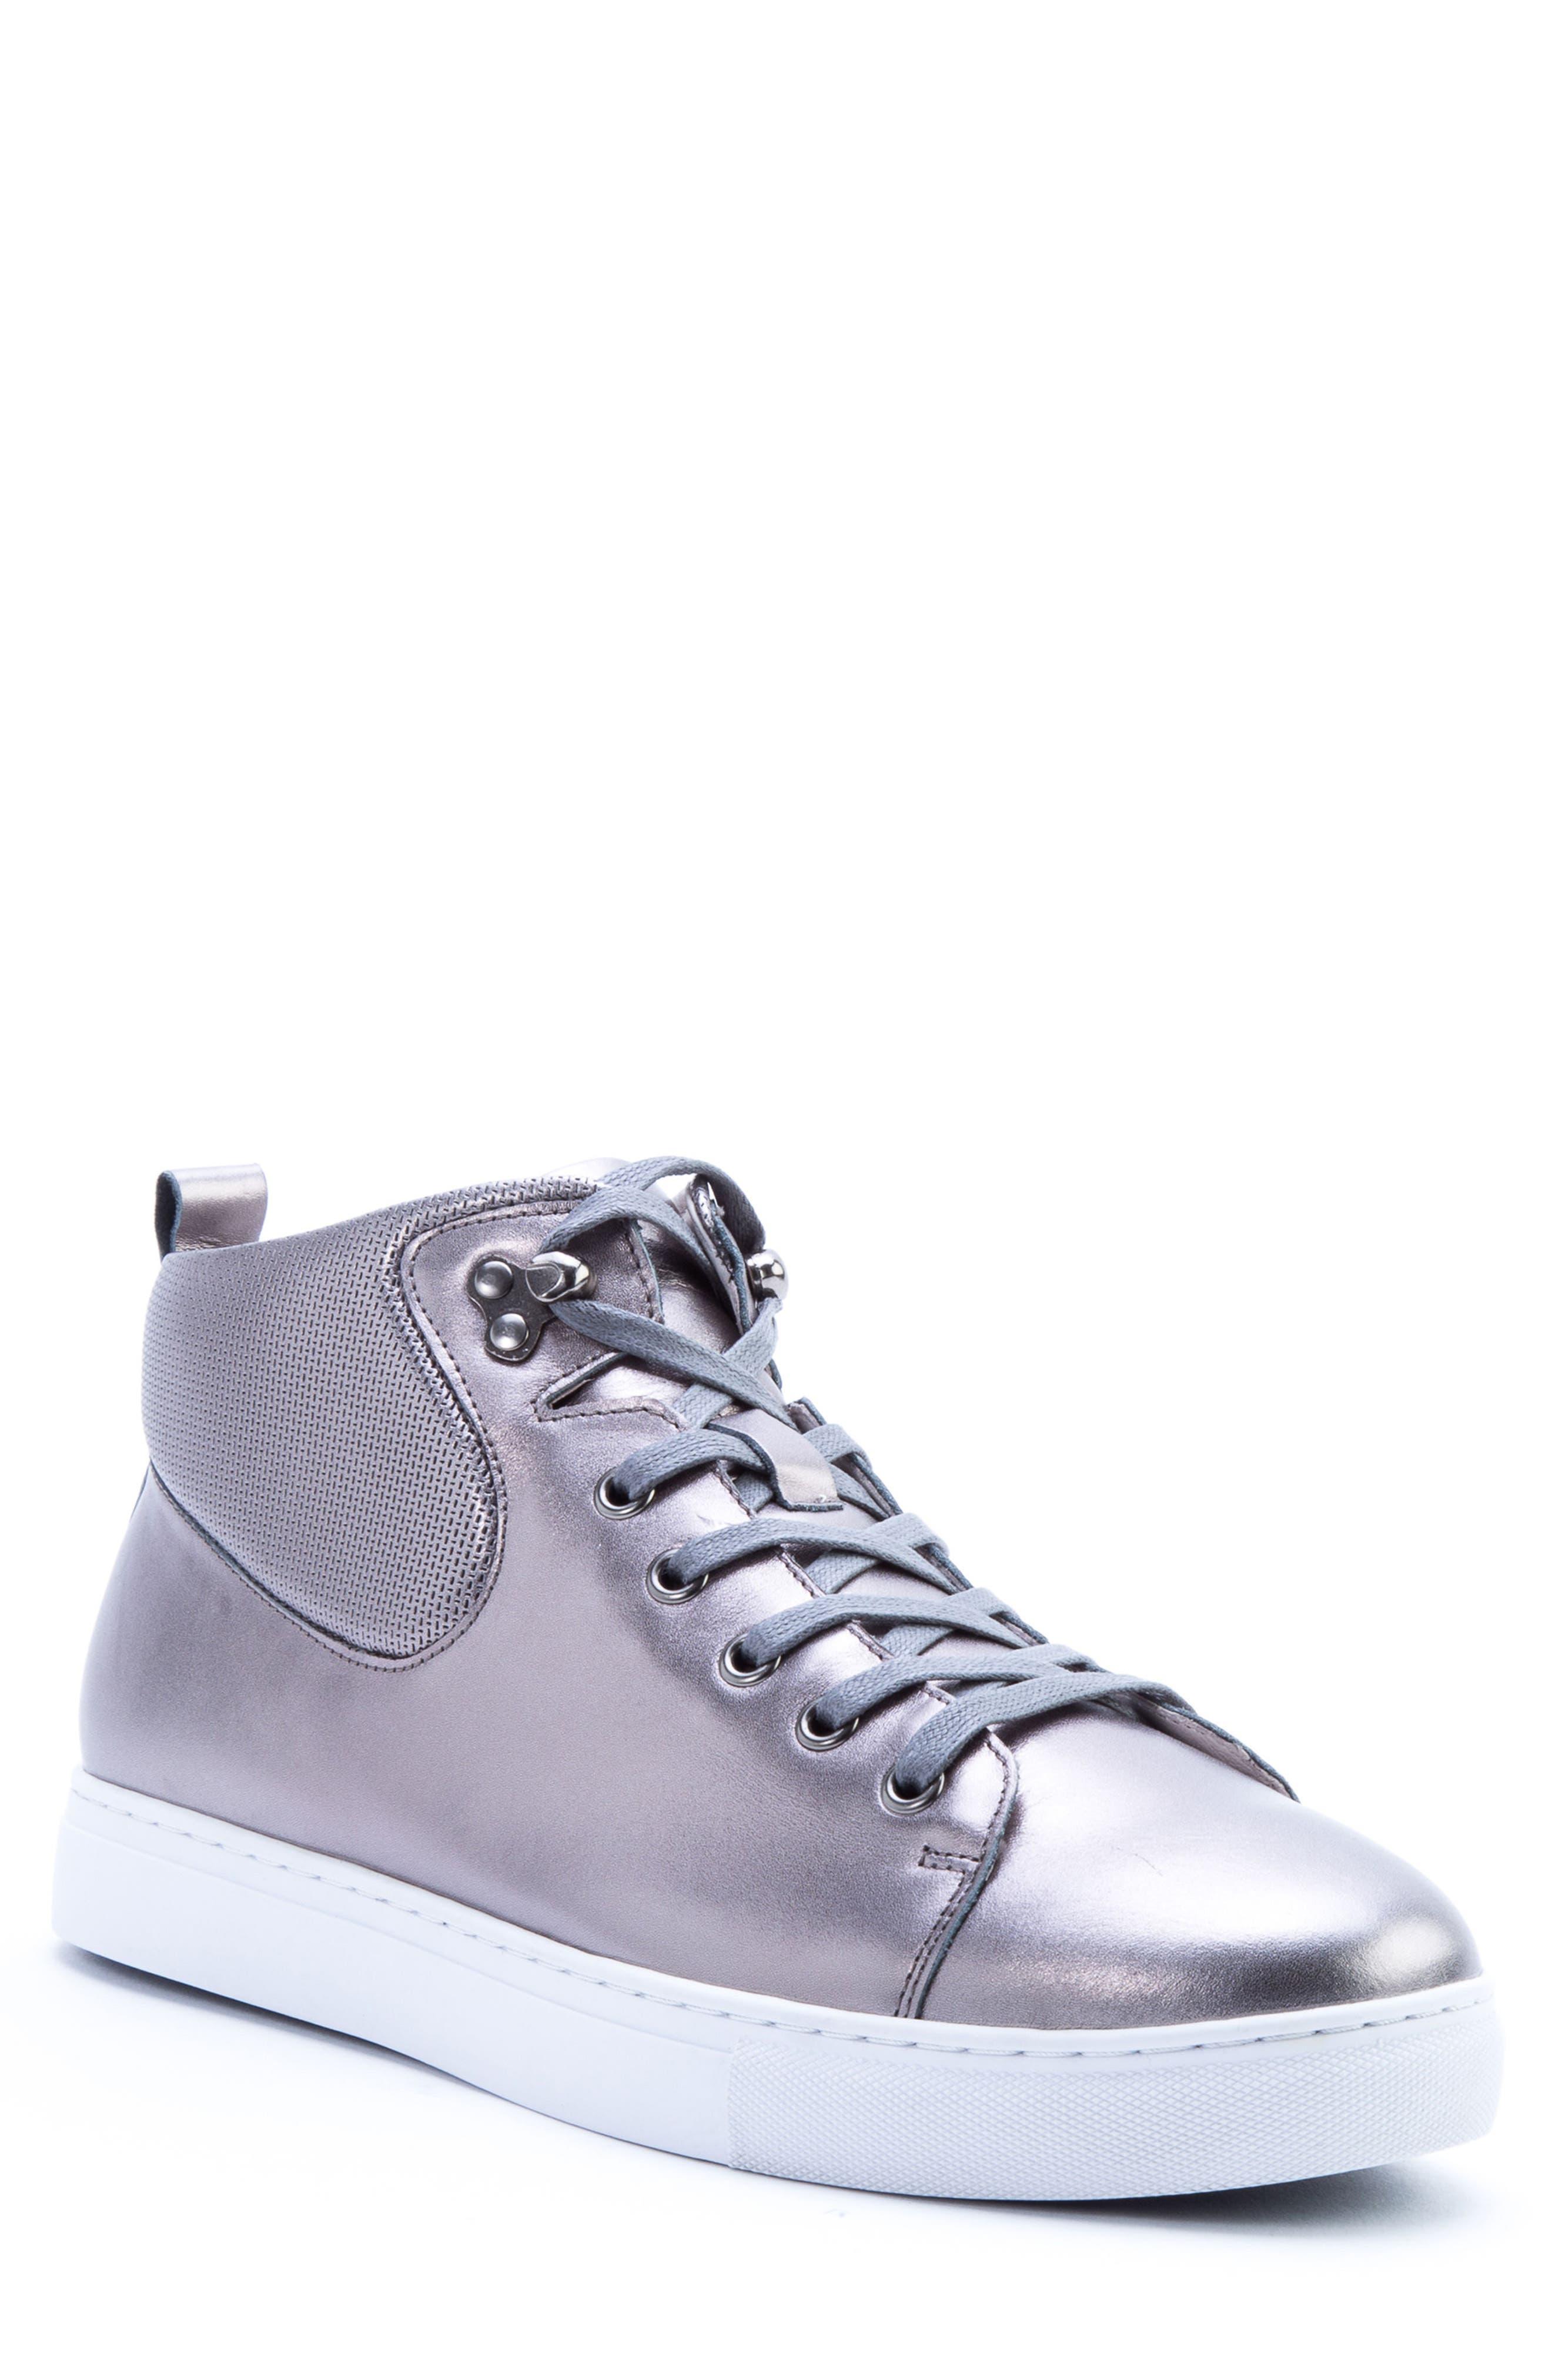 Badgley Mischka Sanders Sneaker,                         Main,                         color, GUN METAL LEATHER